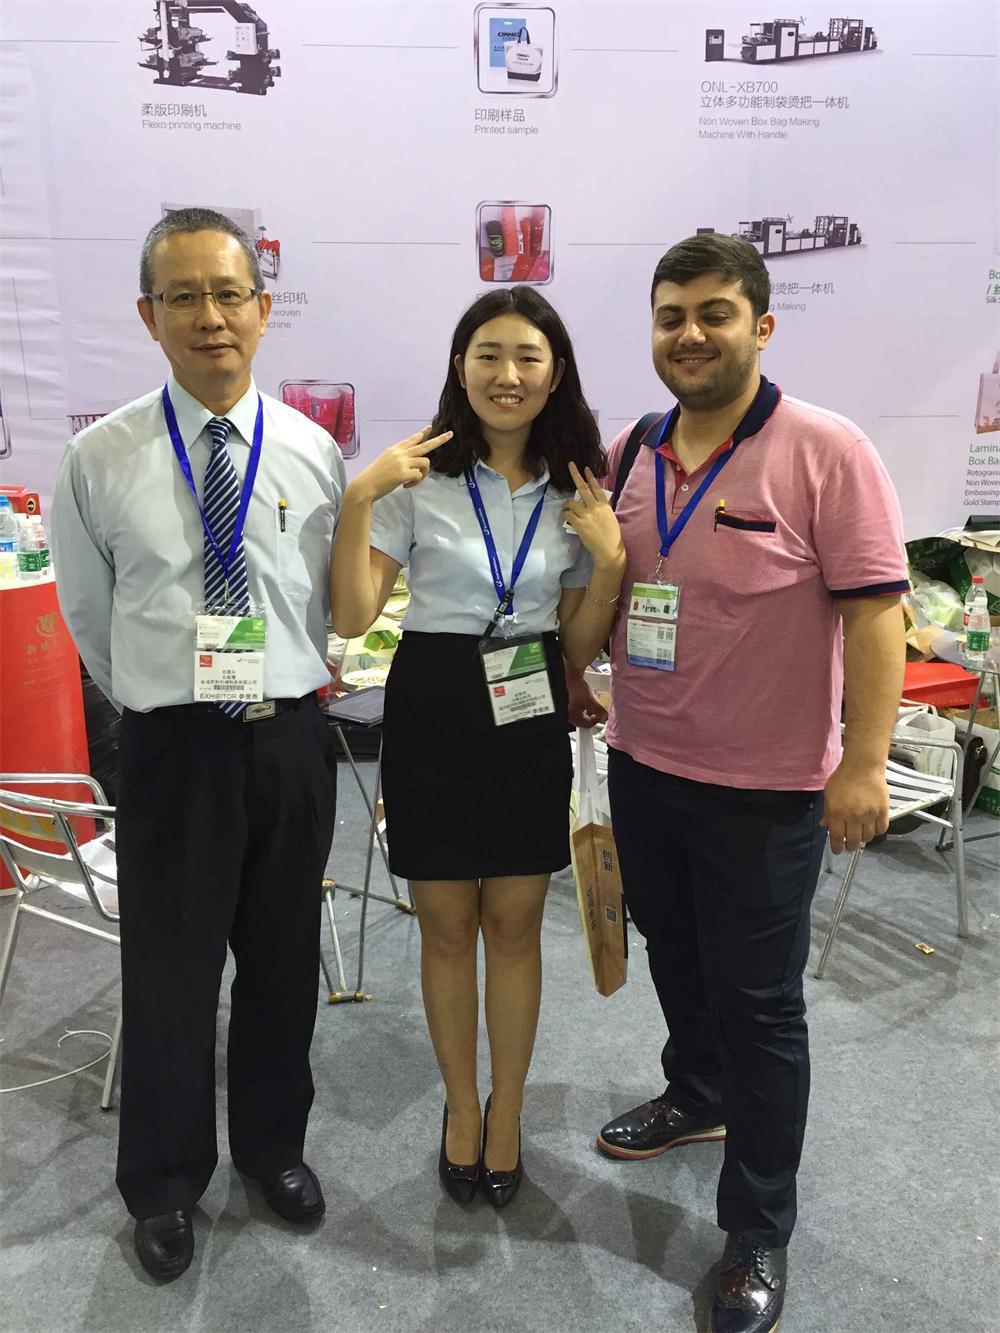 2015 China Dongguan Exhibition in GZ